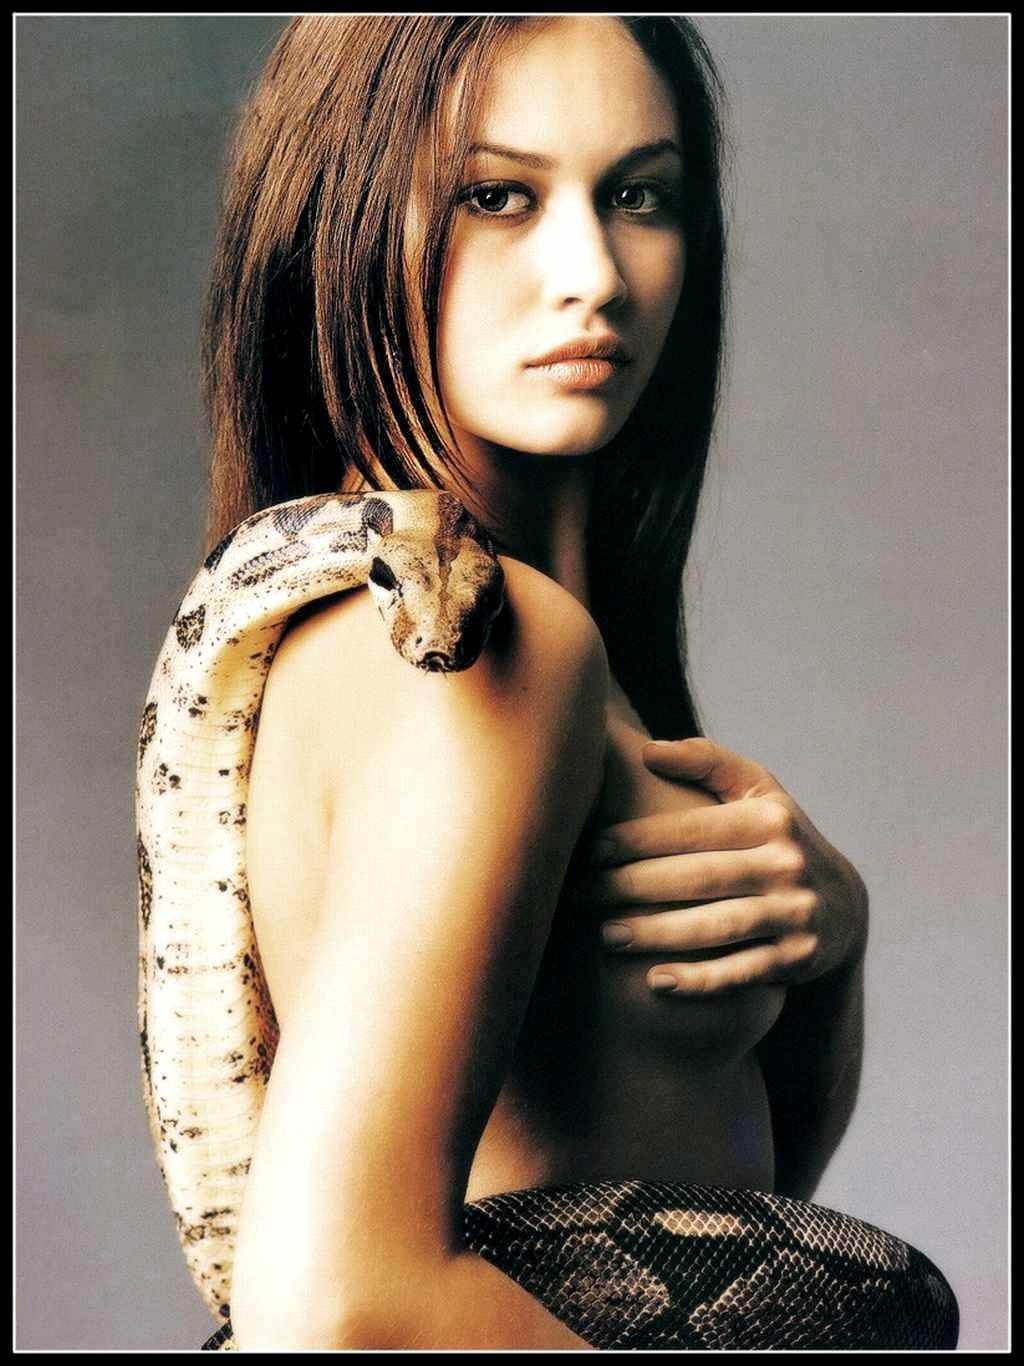 http://4.bp.blogspot.com/_9Sqb6Vhazxg/R4M3cgJQ93I/AAAAAAAABlU/zqwm1gx9xB0/s1600/Olga%2BKurylenko.jpg